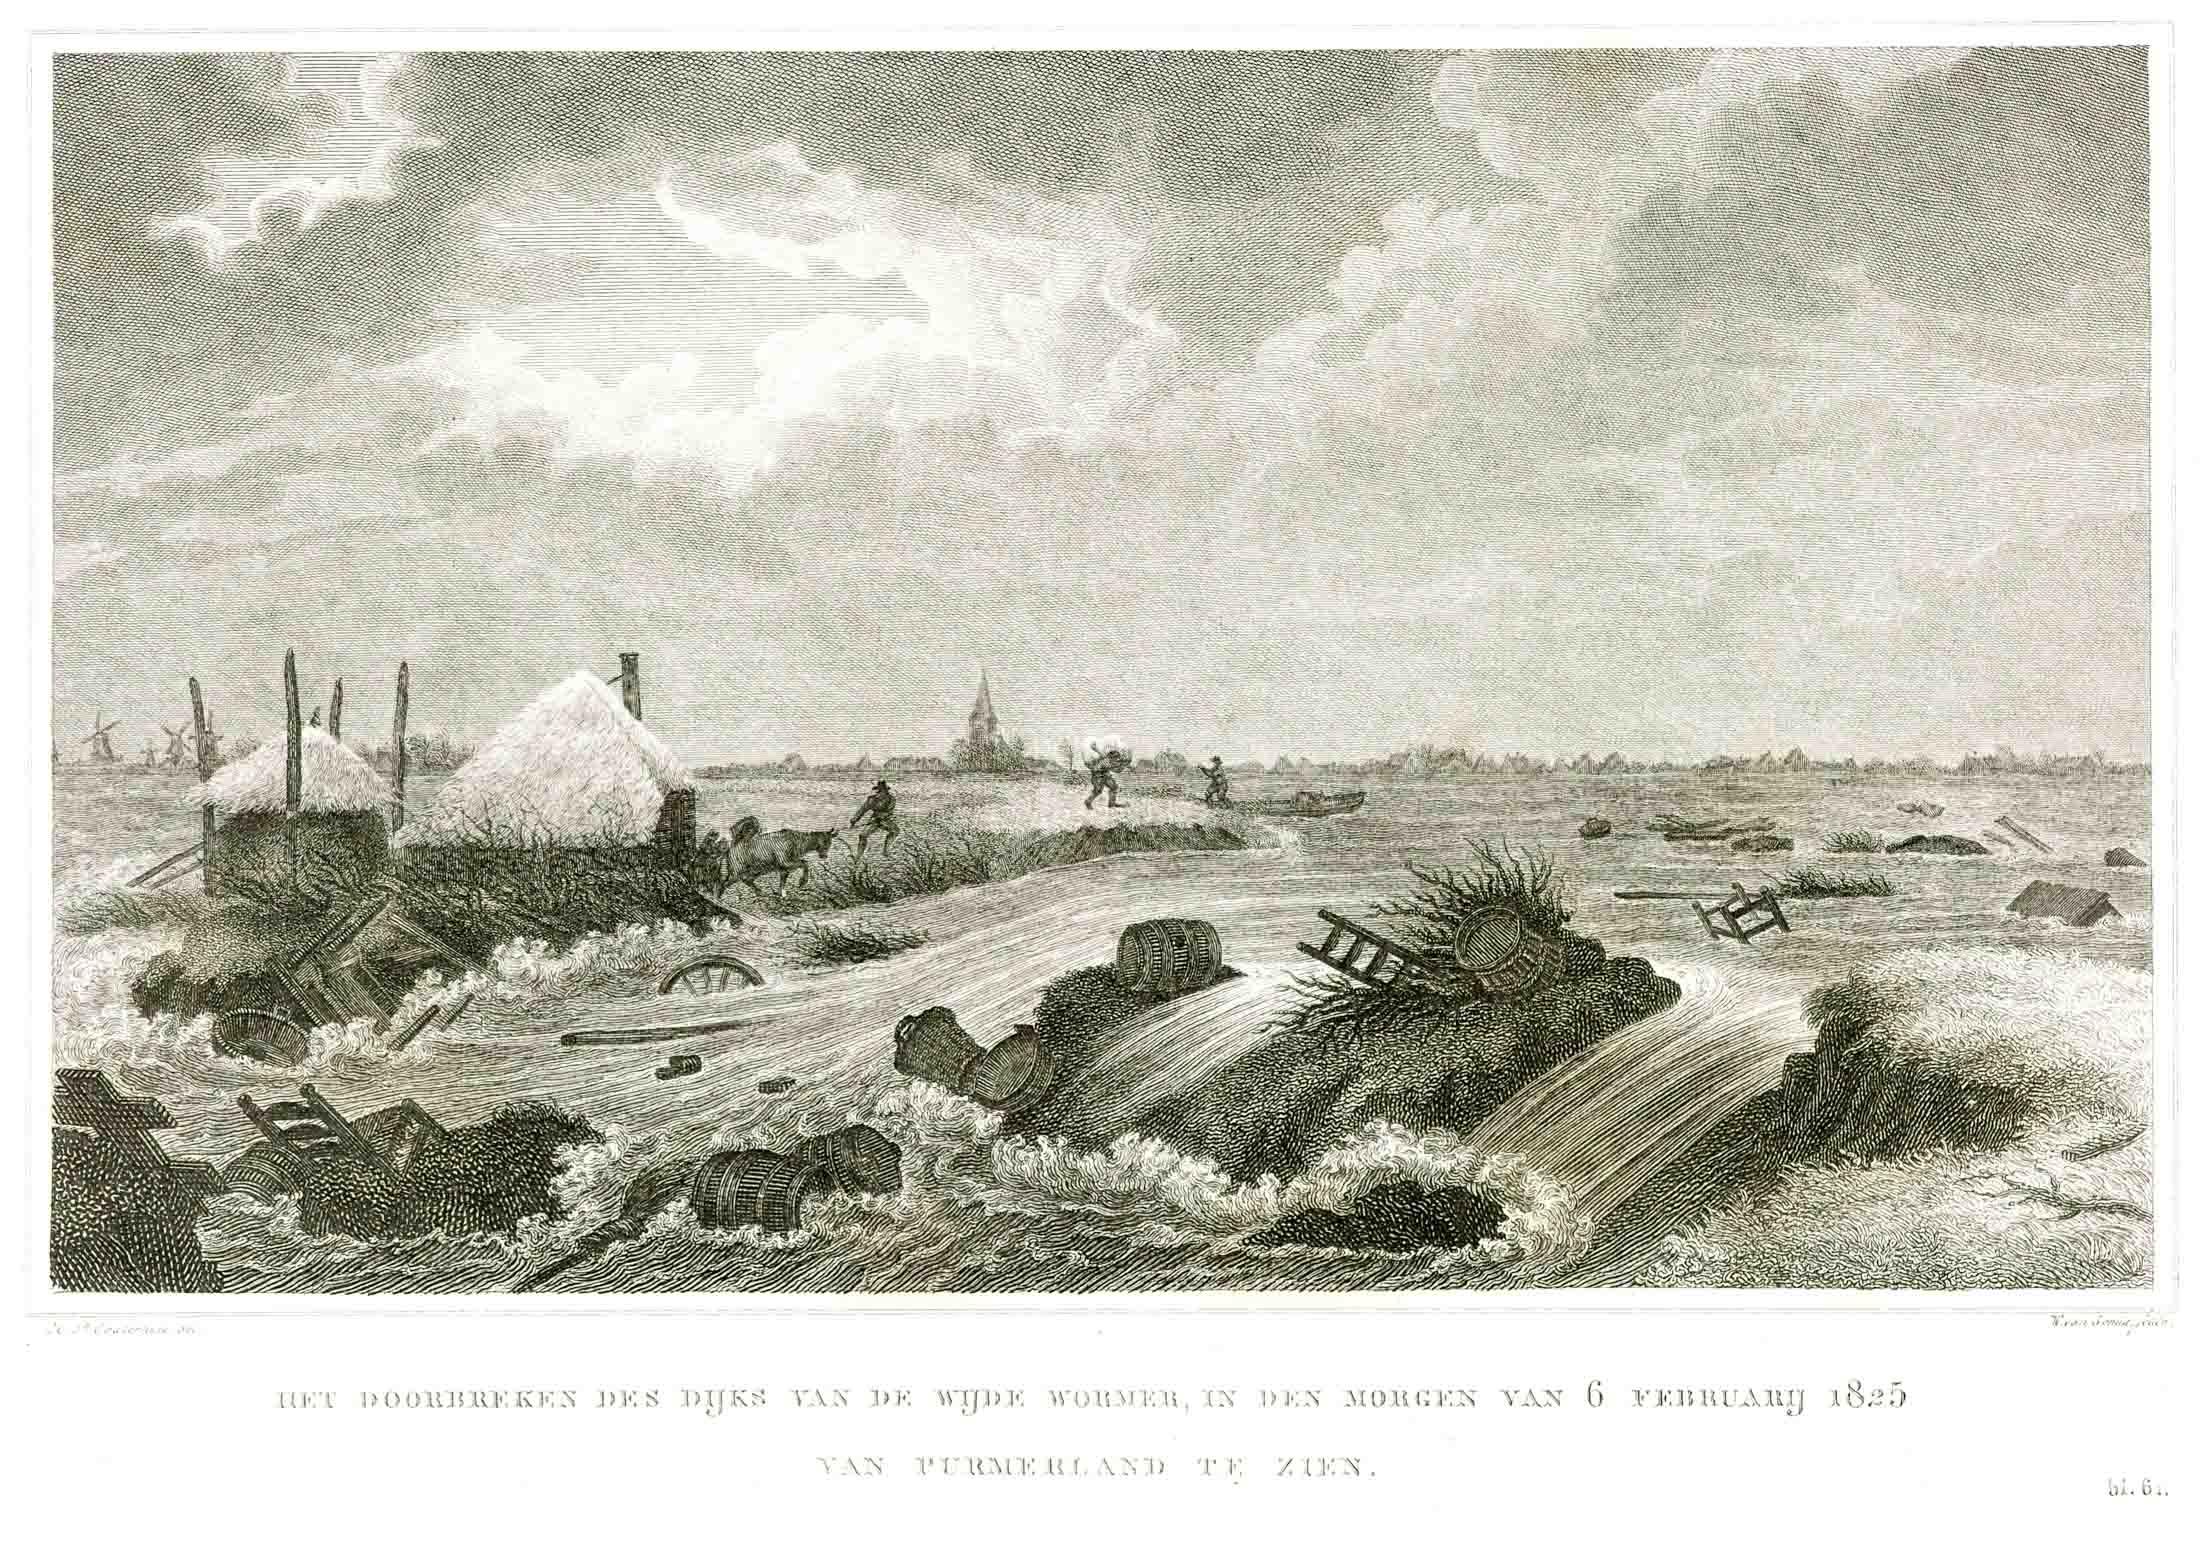 Tekening van de dijkdoorbraak van de polder de Wormer in 1825 door Willem van Senu